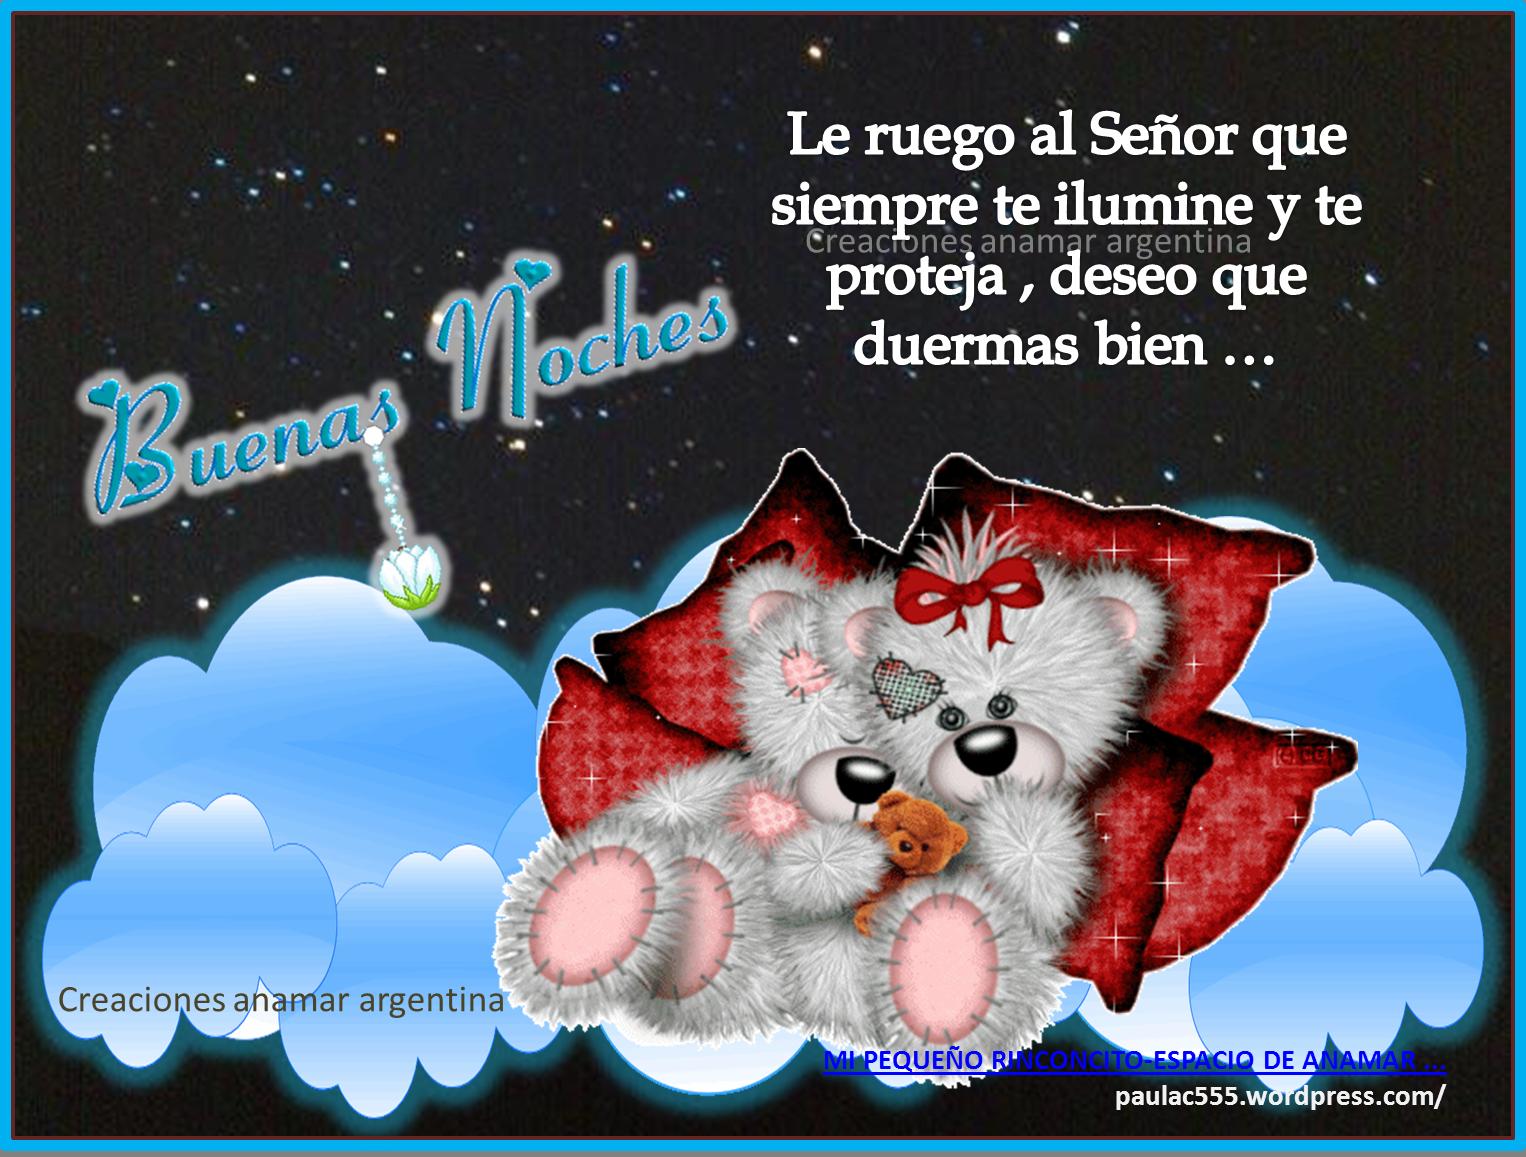 Imagen frases positivas motivadoras buenas noches 1 creaciones anamar argentina 2014